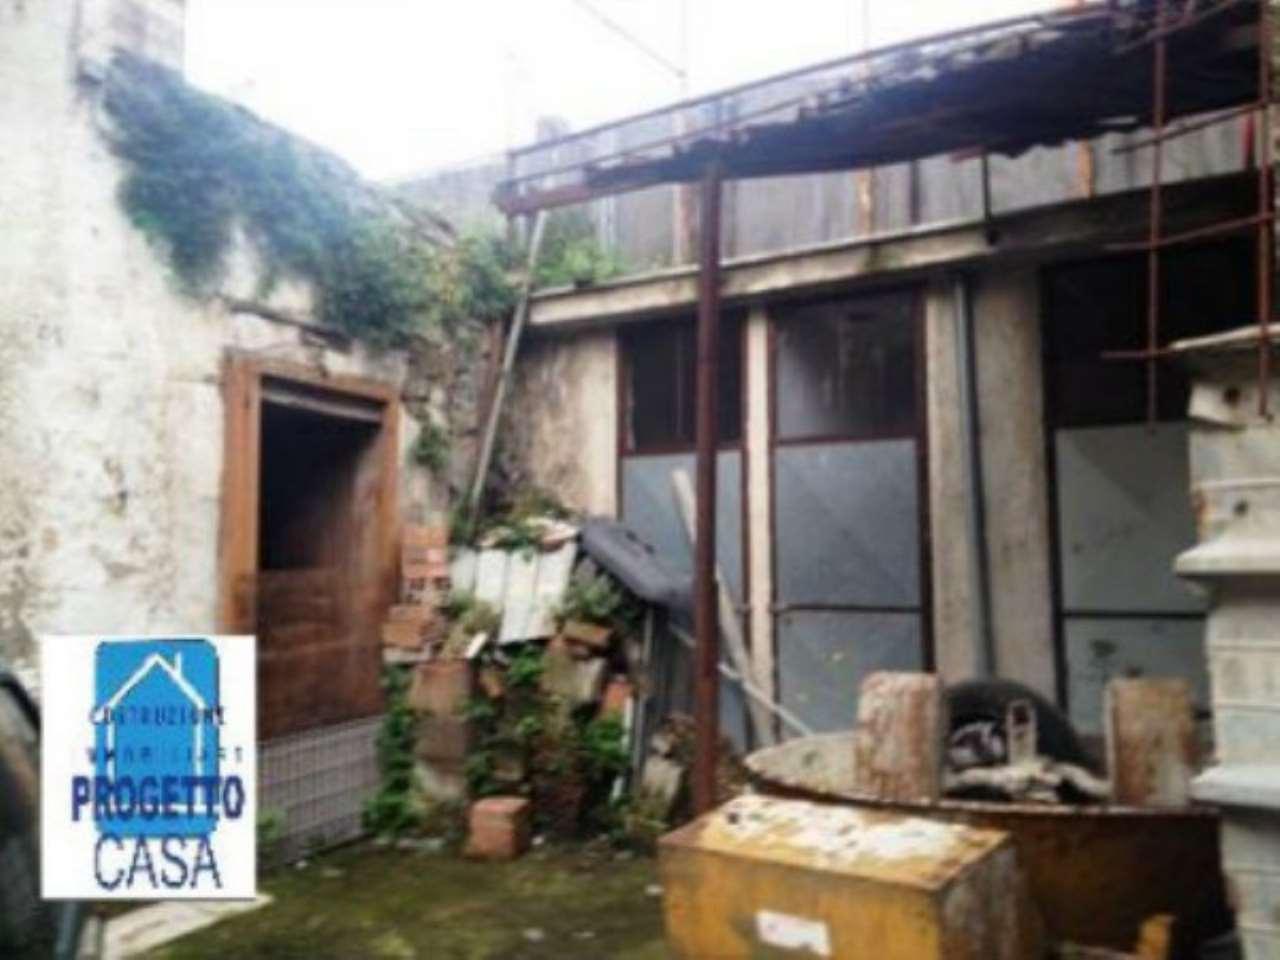 Soluzione Indipendente in vendita a Cimitile, 2 locali, prezzo € 10.000 | CambioCasa.it